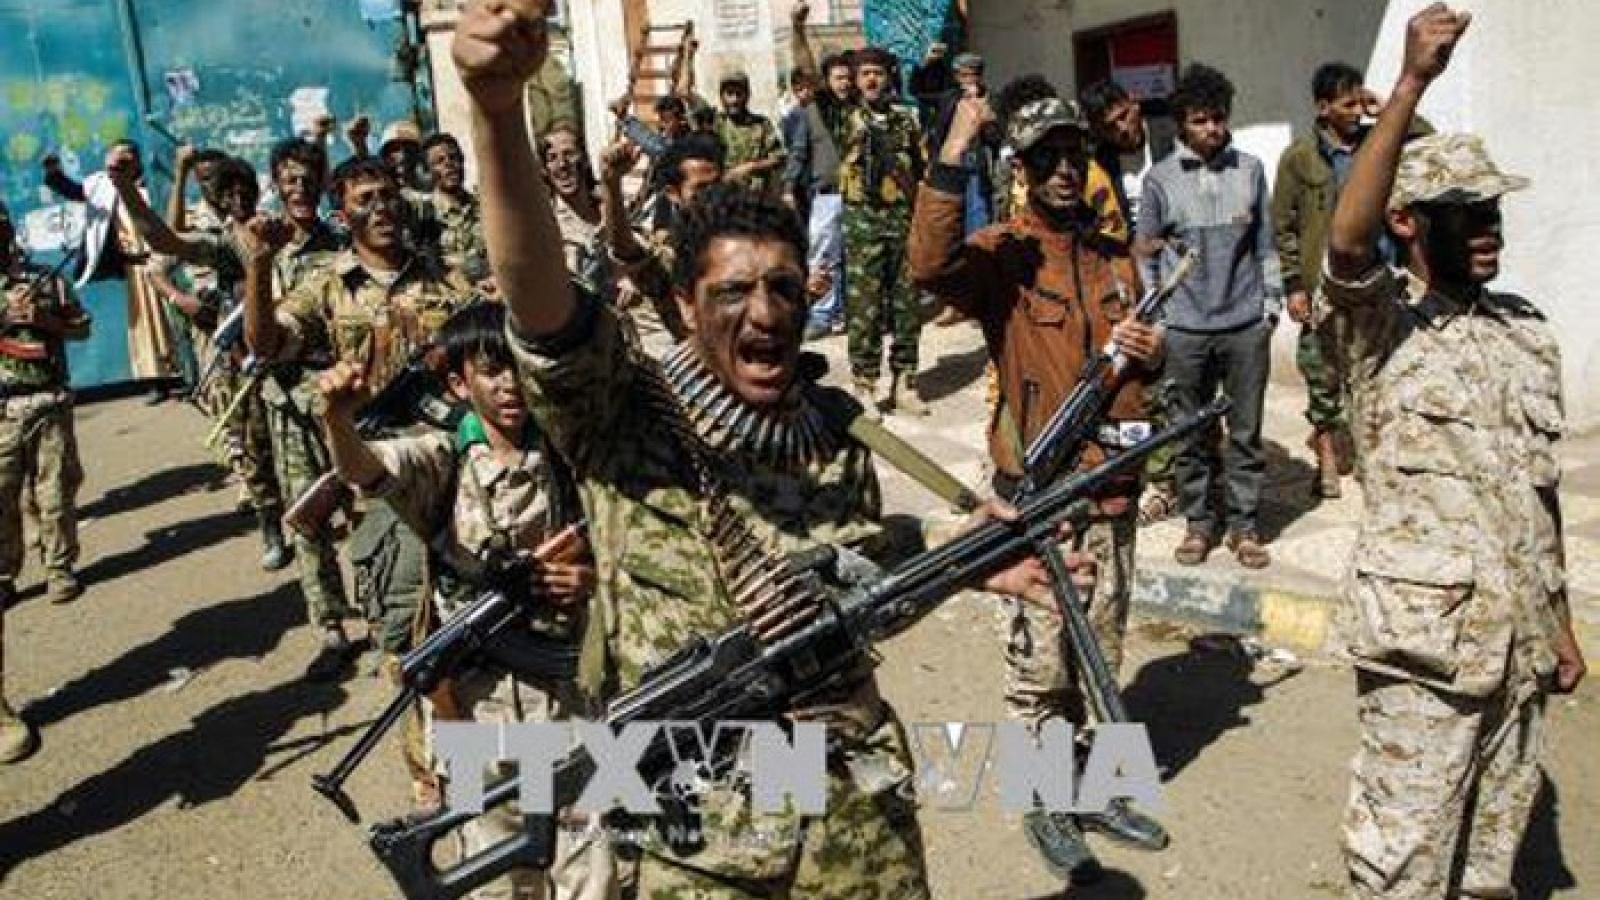 Hai công dân Mỹ bị phiến quân Houthi bắt giữ ở Yemen được trả tự do